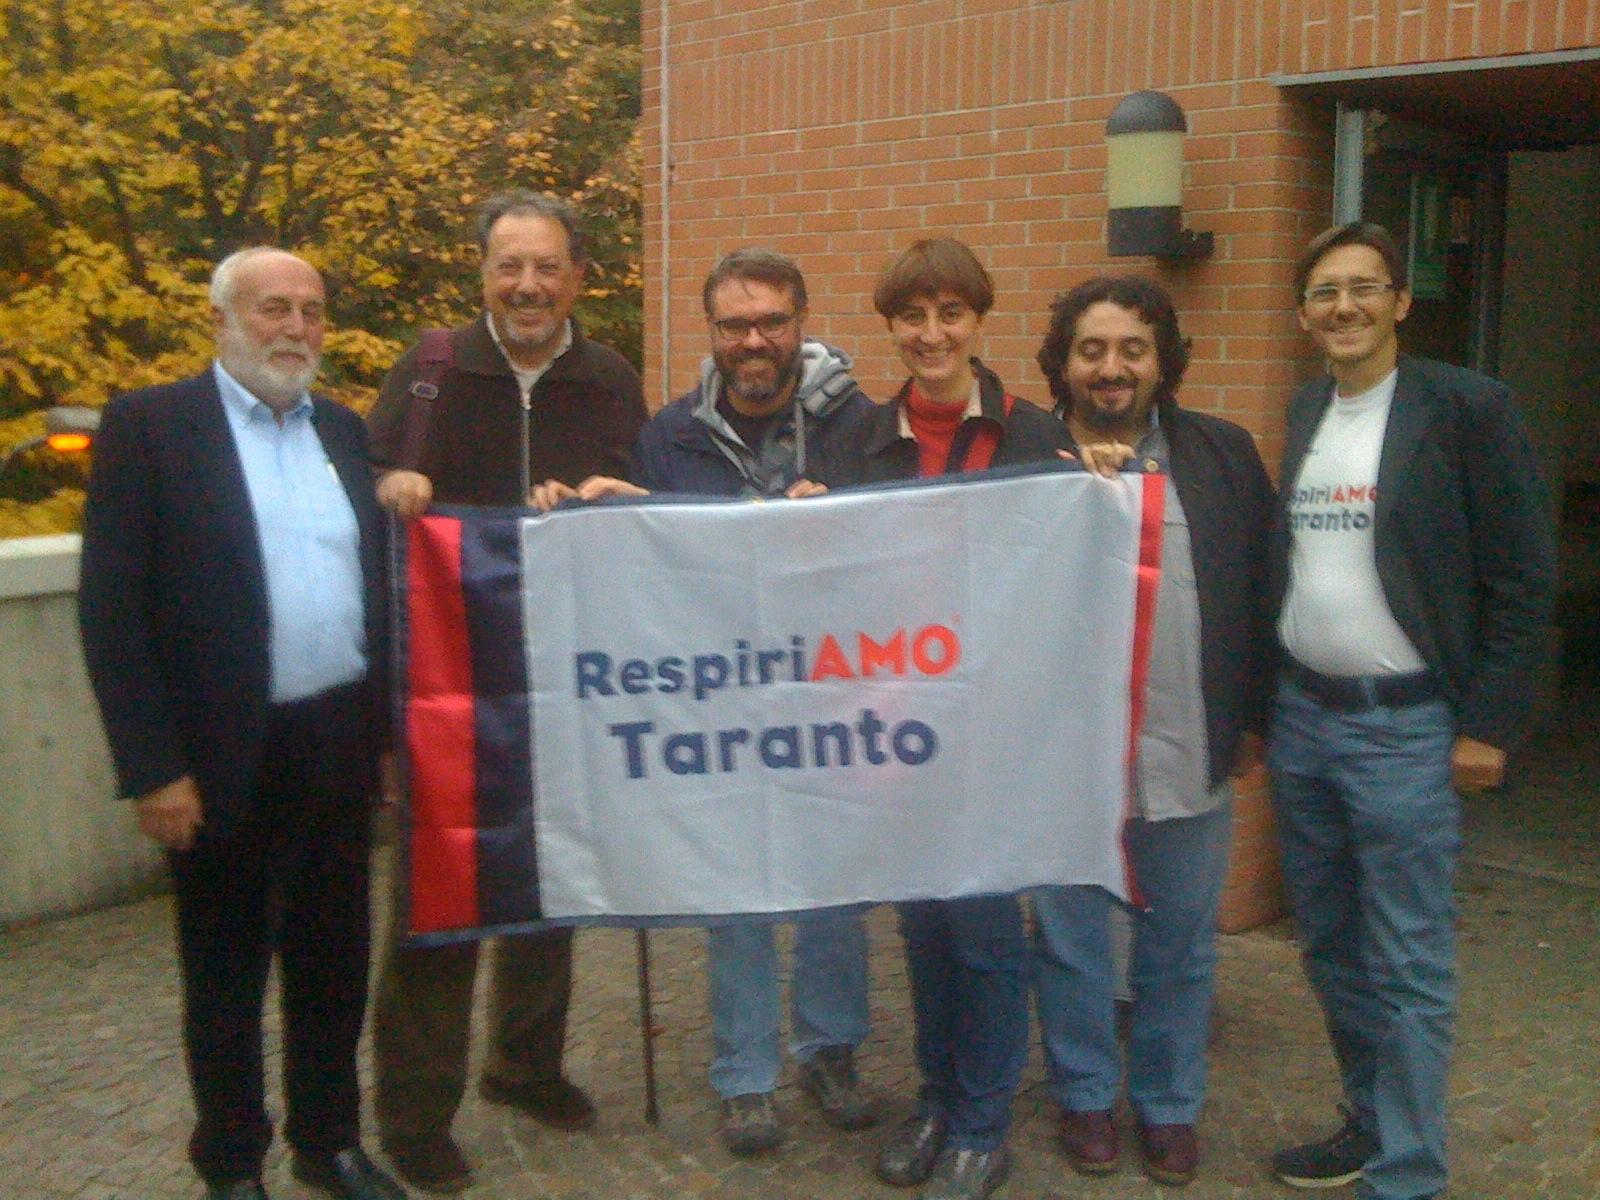 PRESENTAZIONE dei LIBRI sull'ILVA di Taranto, in collaborazione con il COMUNE DI DESIO